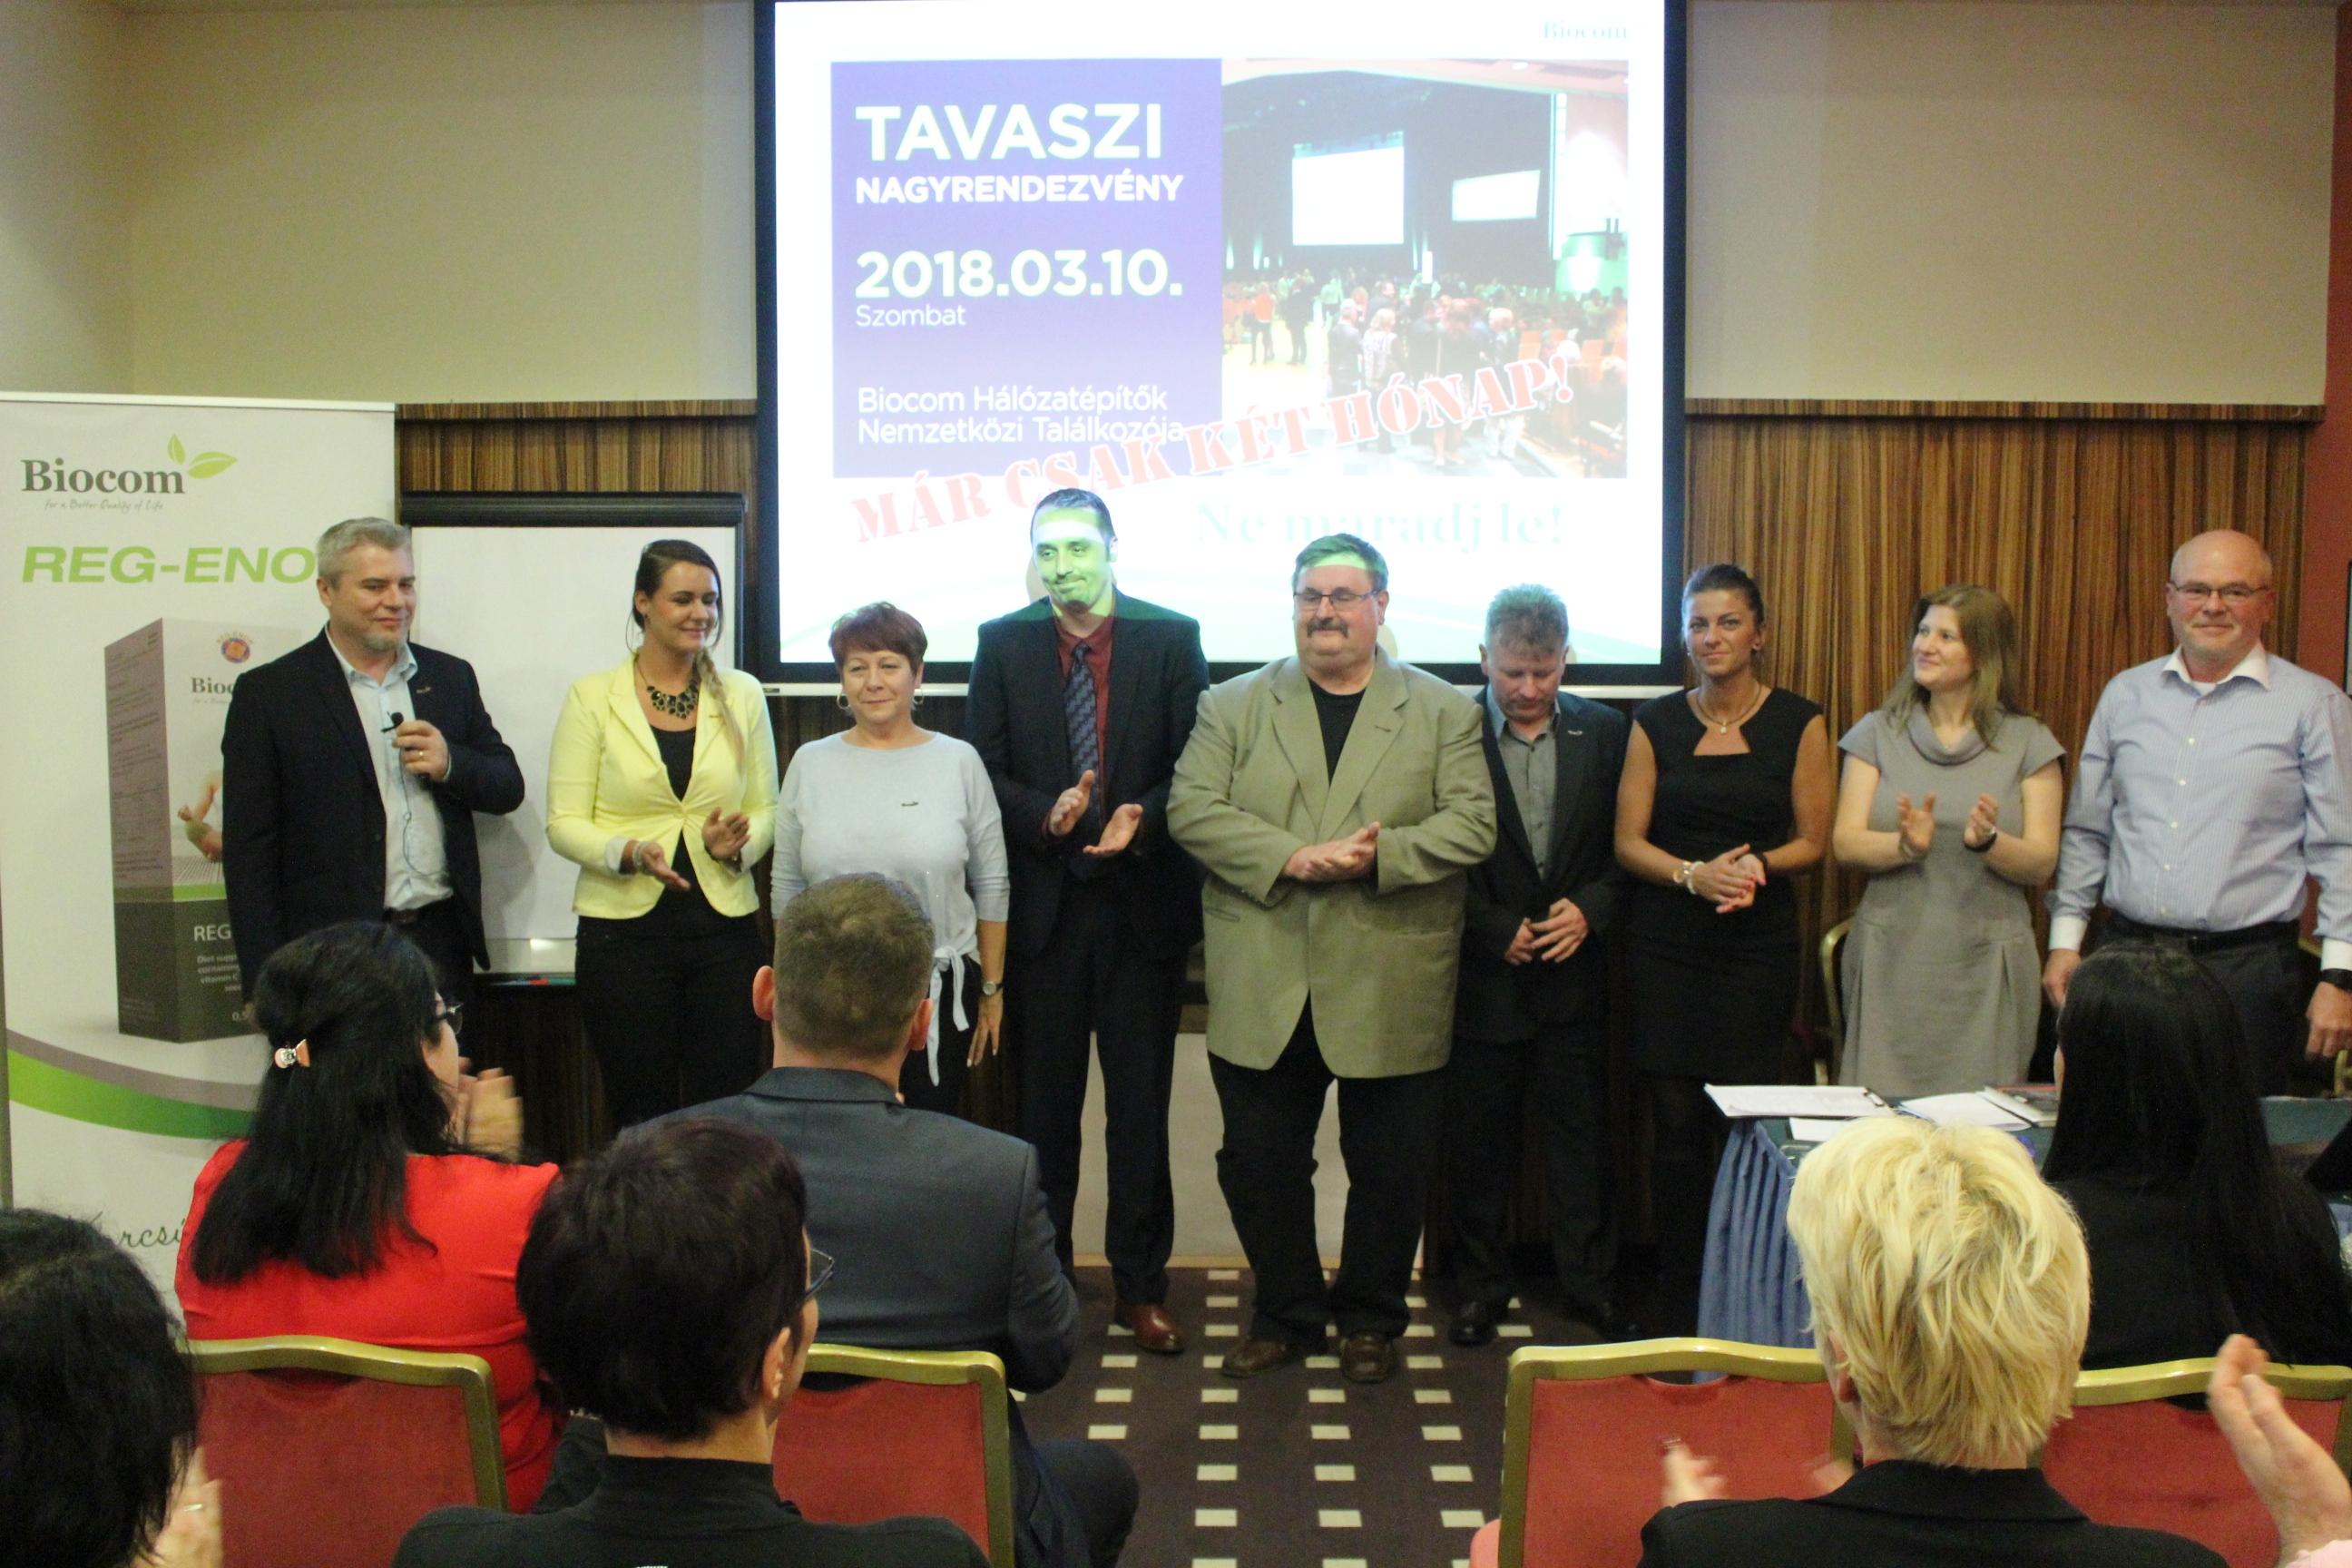 Az előadók csapata